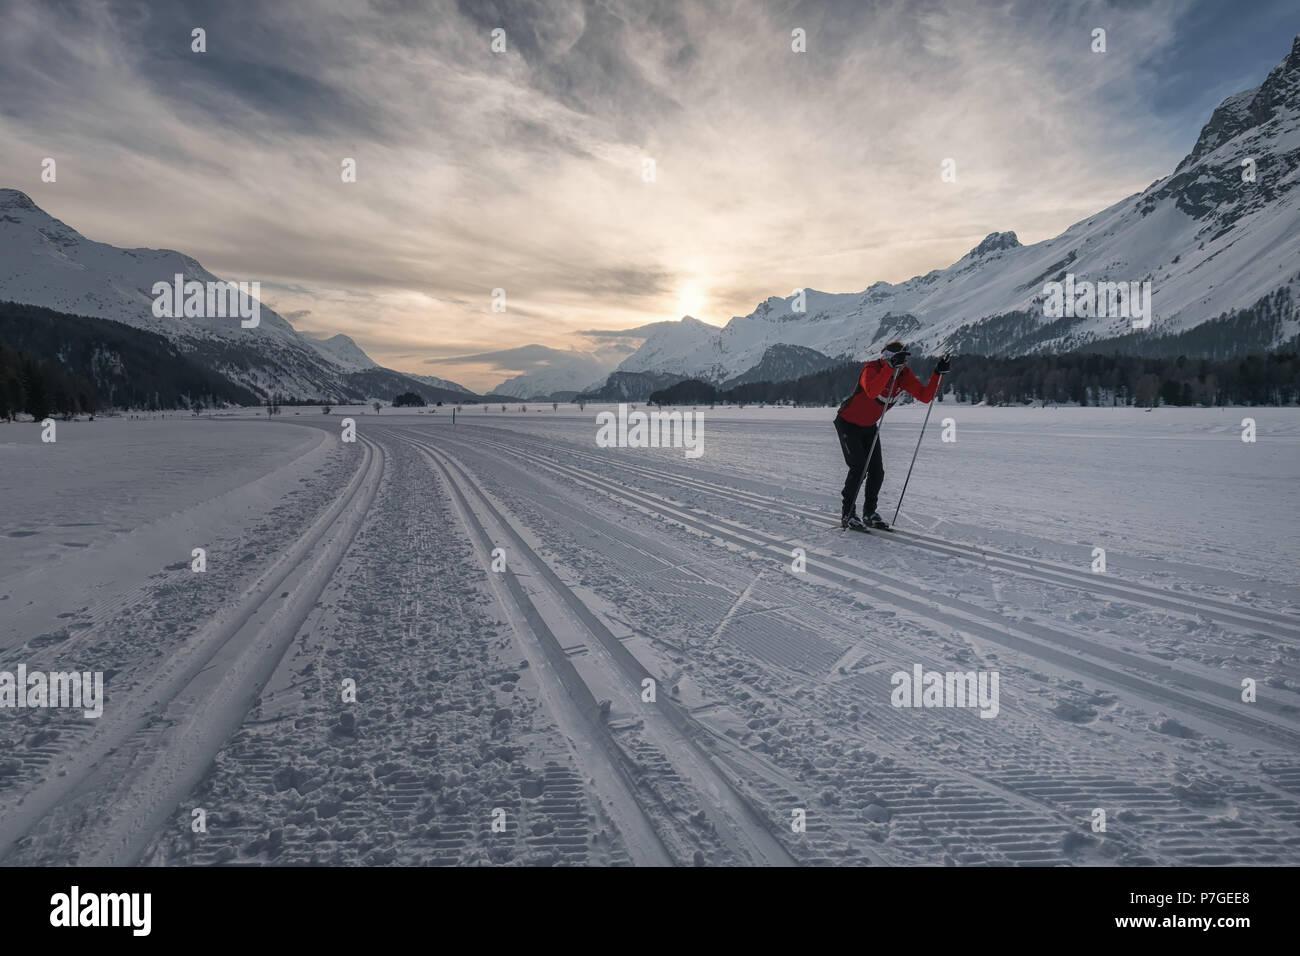 Klassische skate Skifahren in Sils, Engadin Stockbild